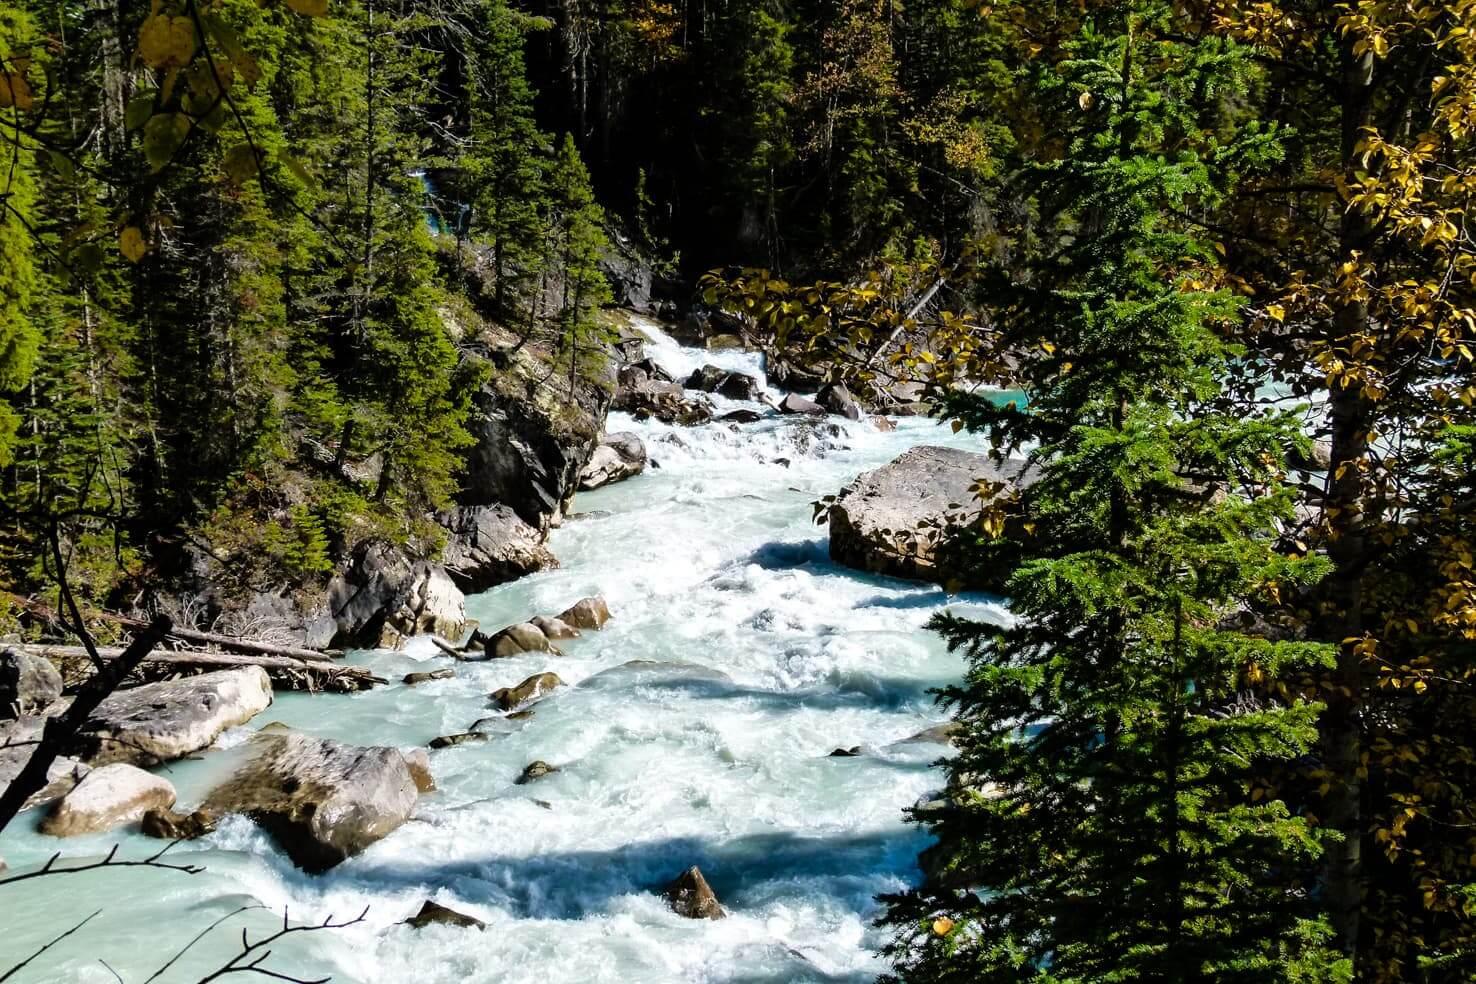 Adventure travel guide to Yoho National Park - confluence of Yoho River and Kicking Horse River